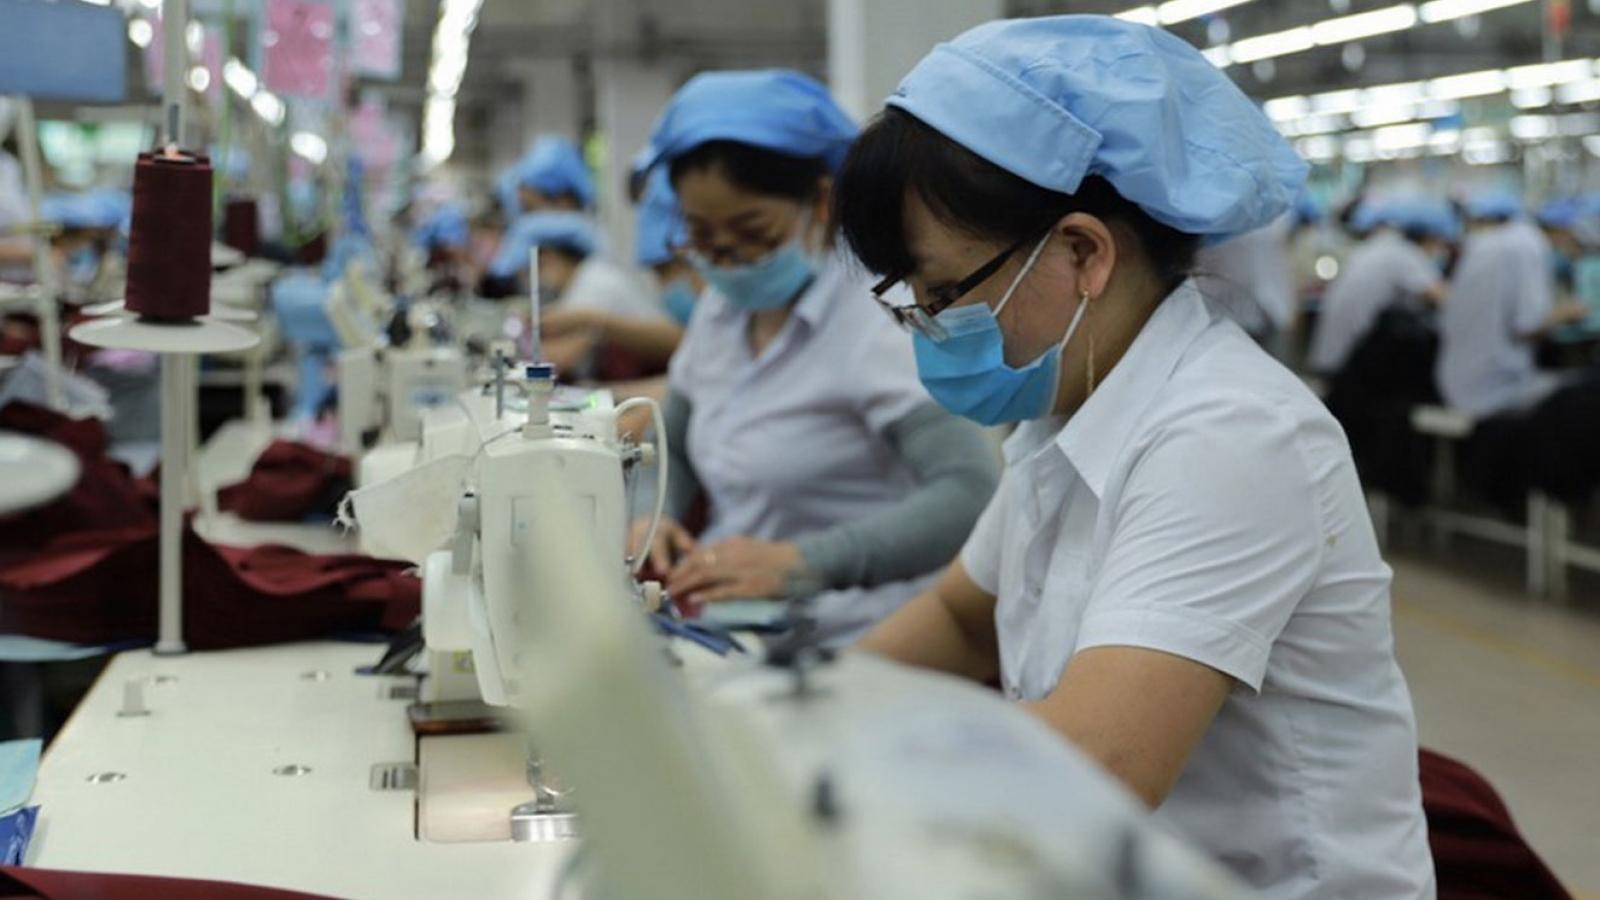 Đà Nẵng thưởng Tết cao nhất 127 triệu đồng, thấp nhất 100.000 đồng